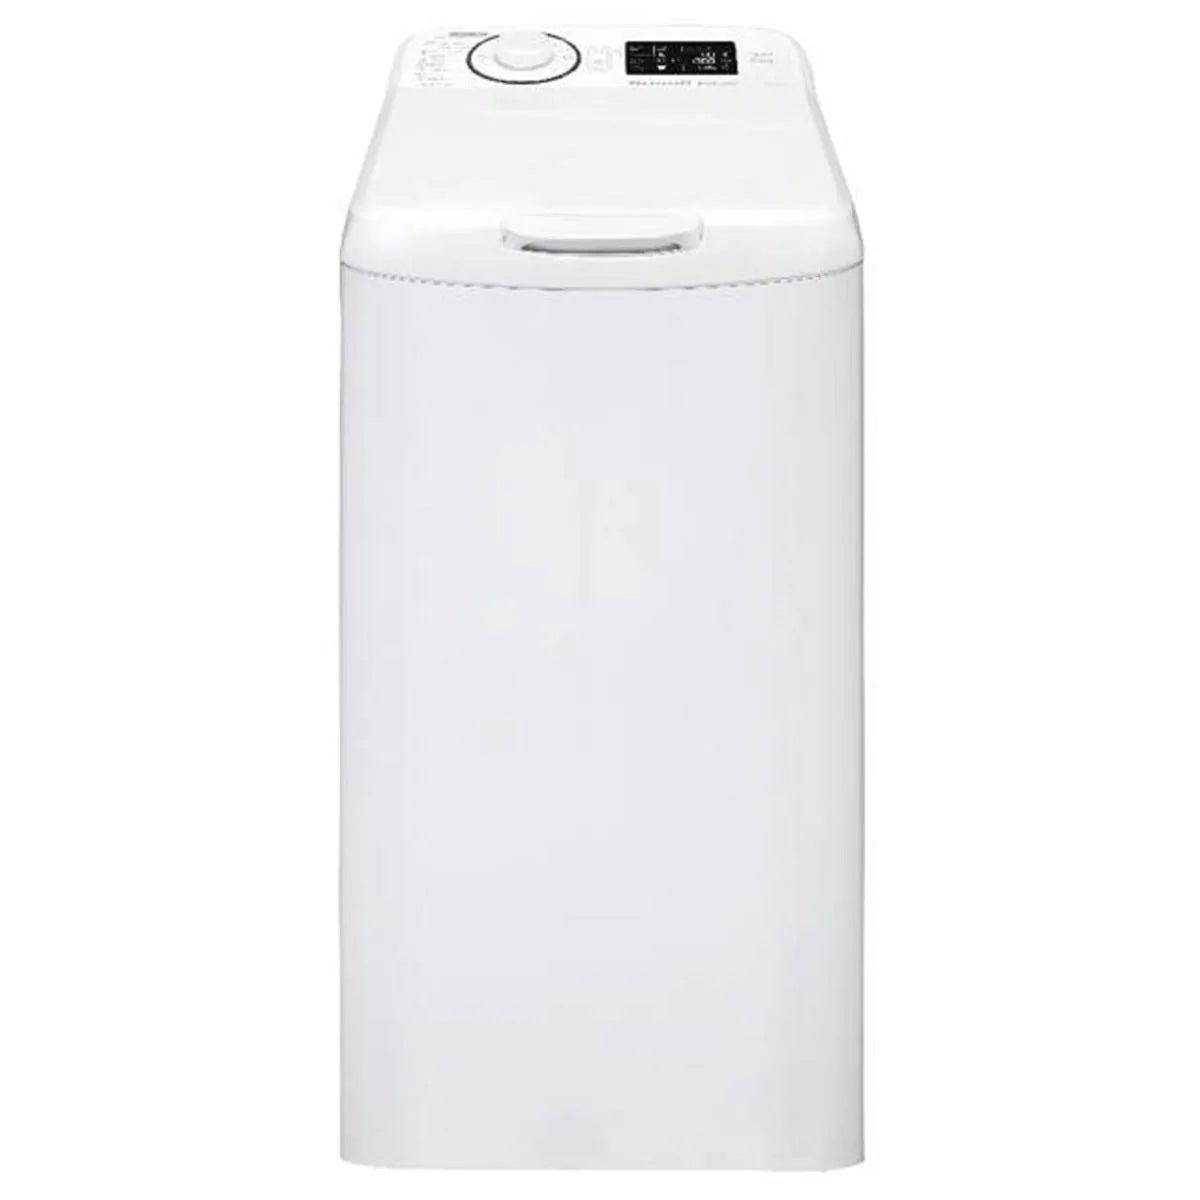 Brandt BT650MA Washing Machine